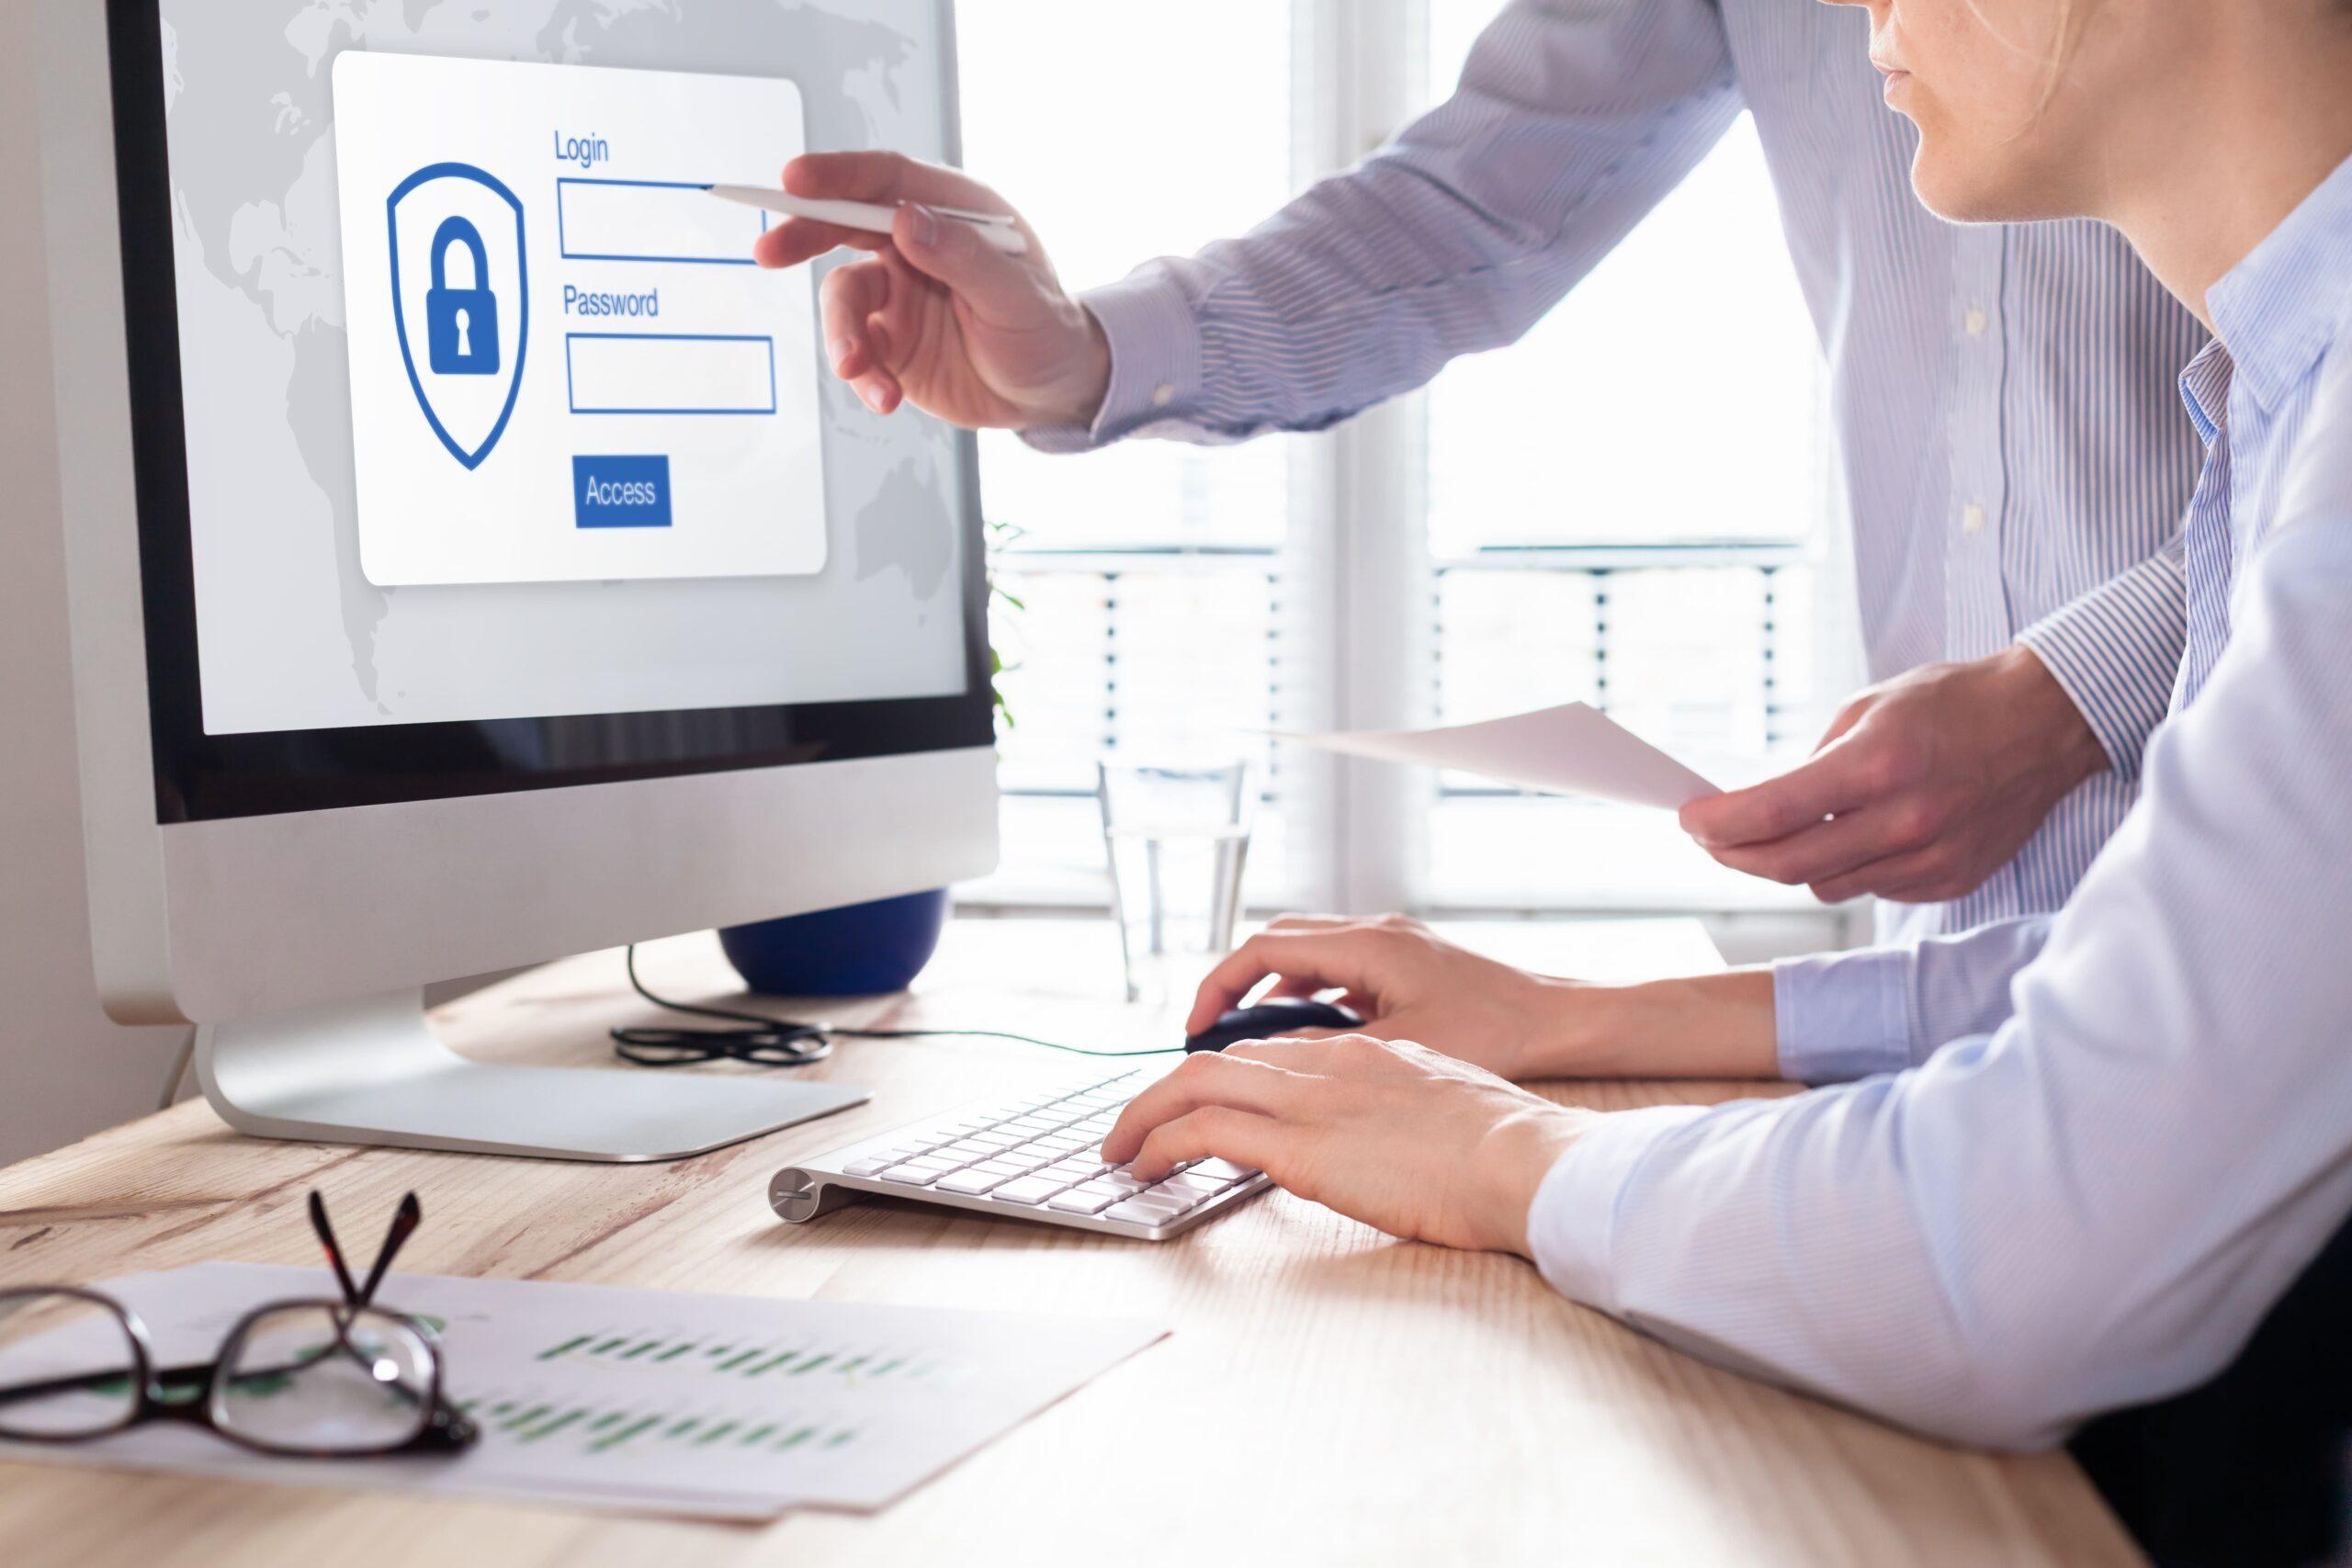 Datenschutz: Das musst du als Unternehmer unbedingt wissen